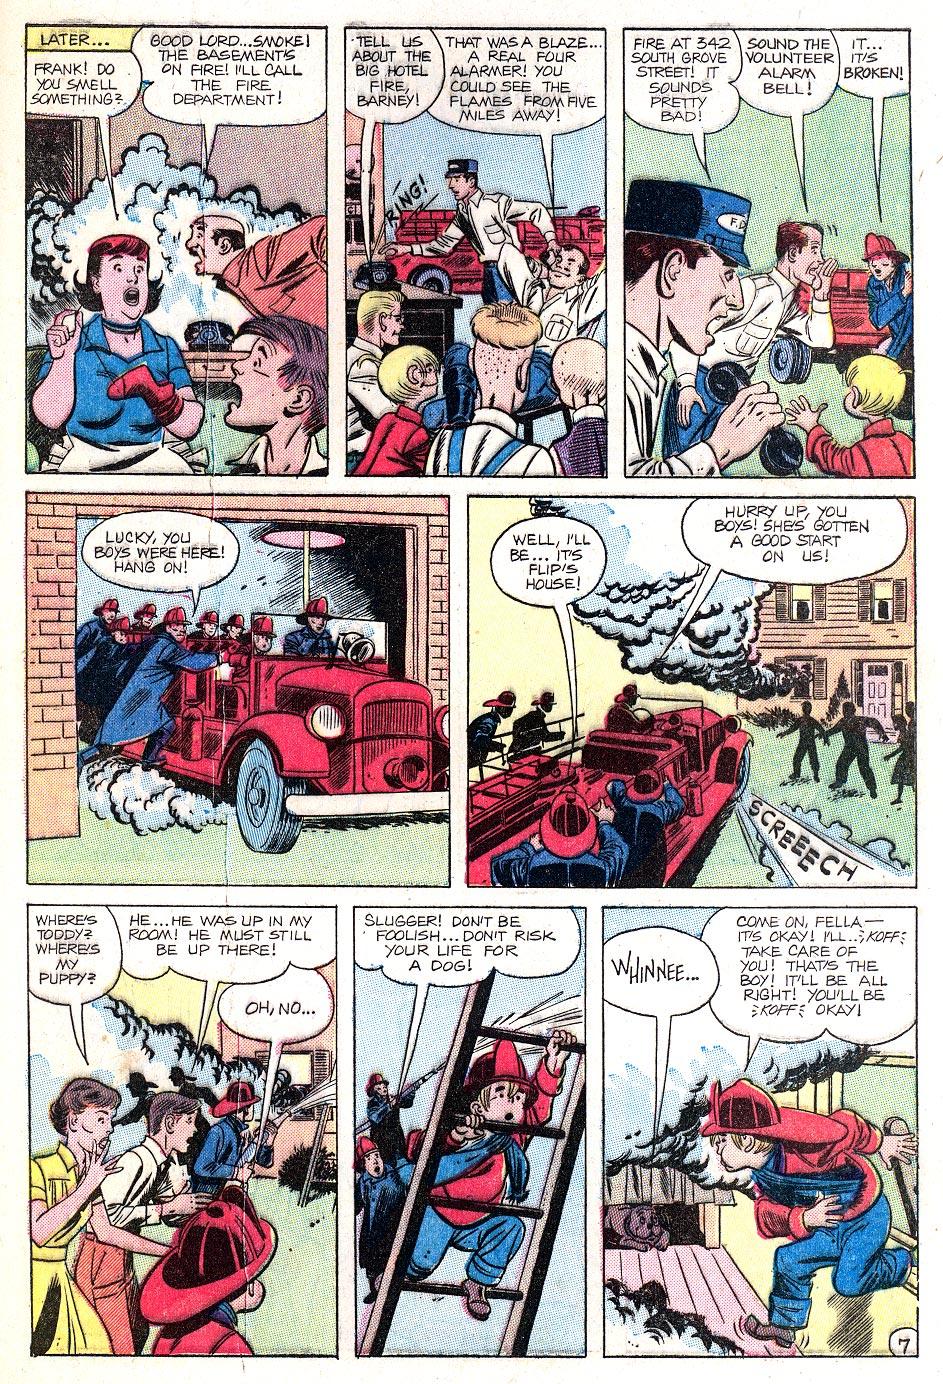 Daredevil (1941) #128 - Read Daredevil (1941) Issue #128 Page 29